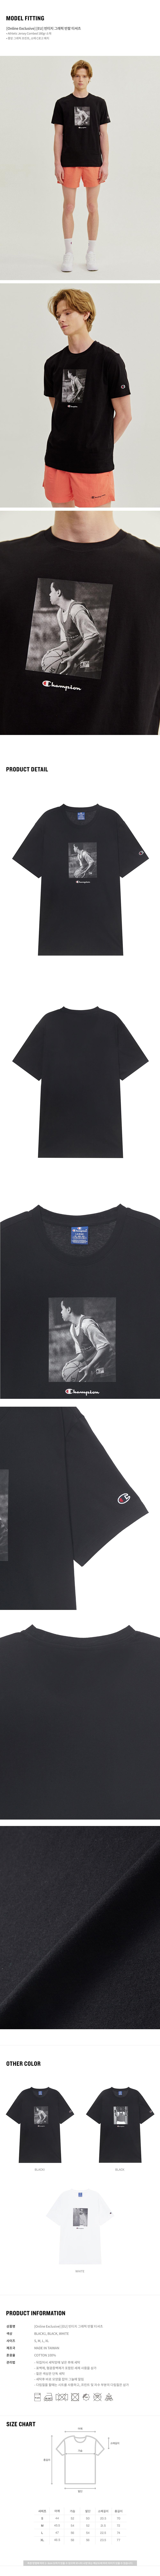 챔피온 유럽(CHAMPION EU) [Online Exclusive] [EU] 빈티지 그래픽 반팔 티셔츠 (BLACK1) CKTS1E344BA